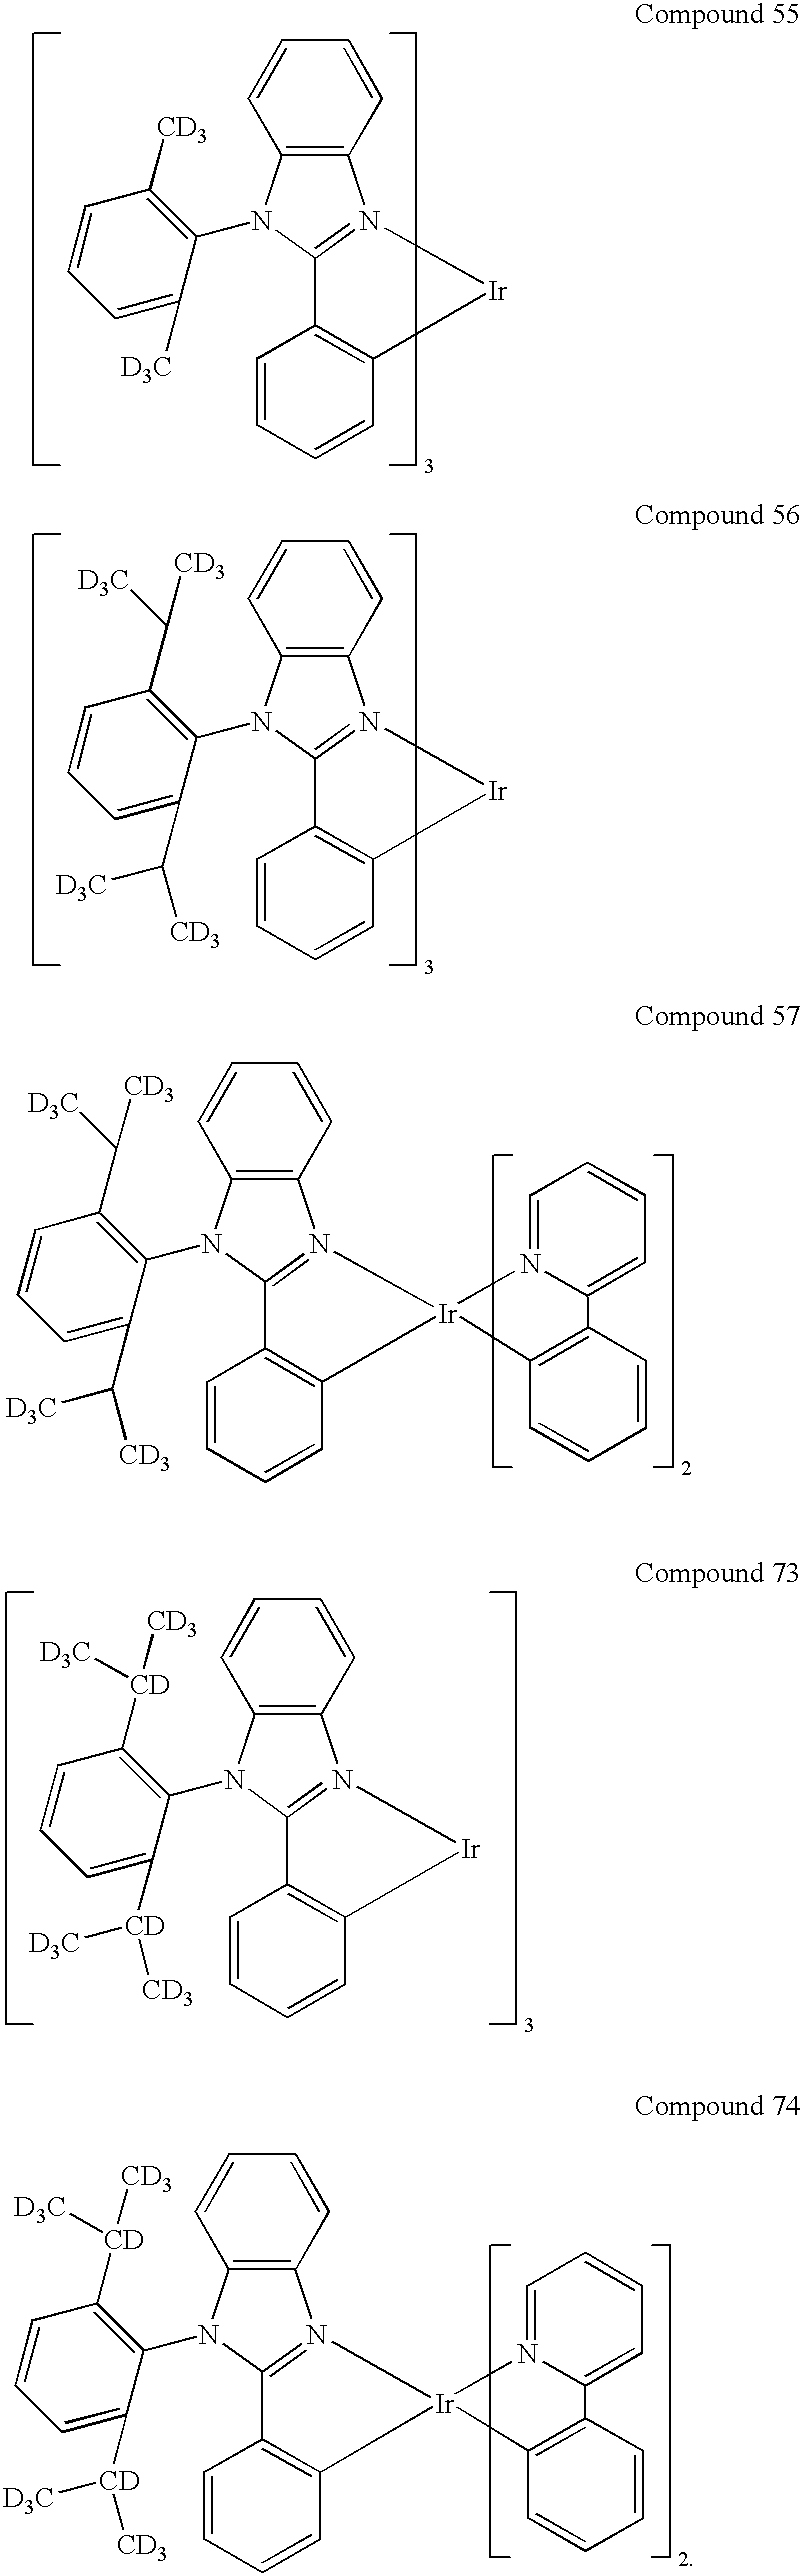 Figure US20100270916A1-20101028-C00199